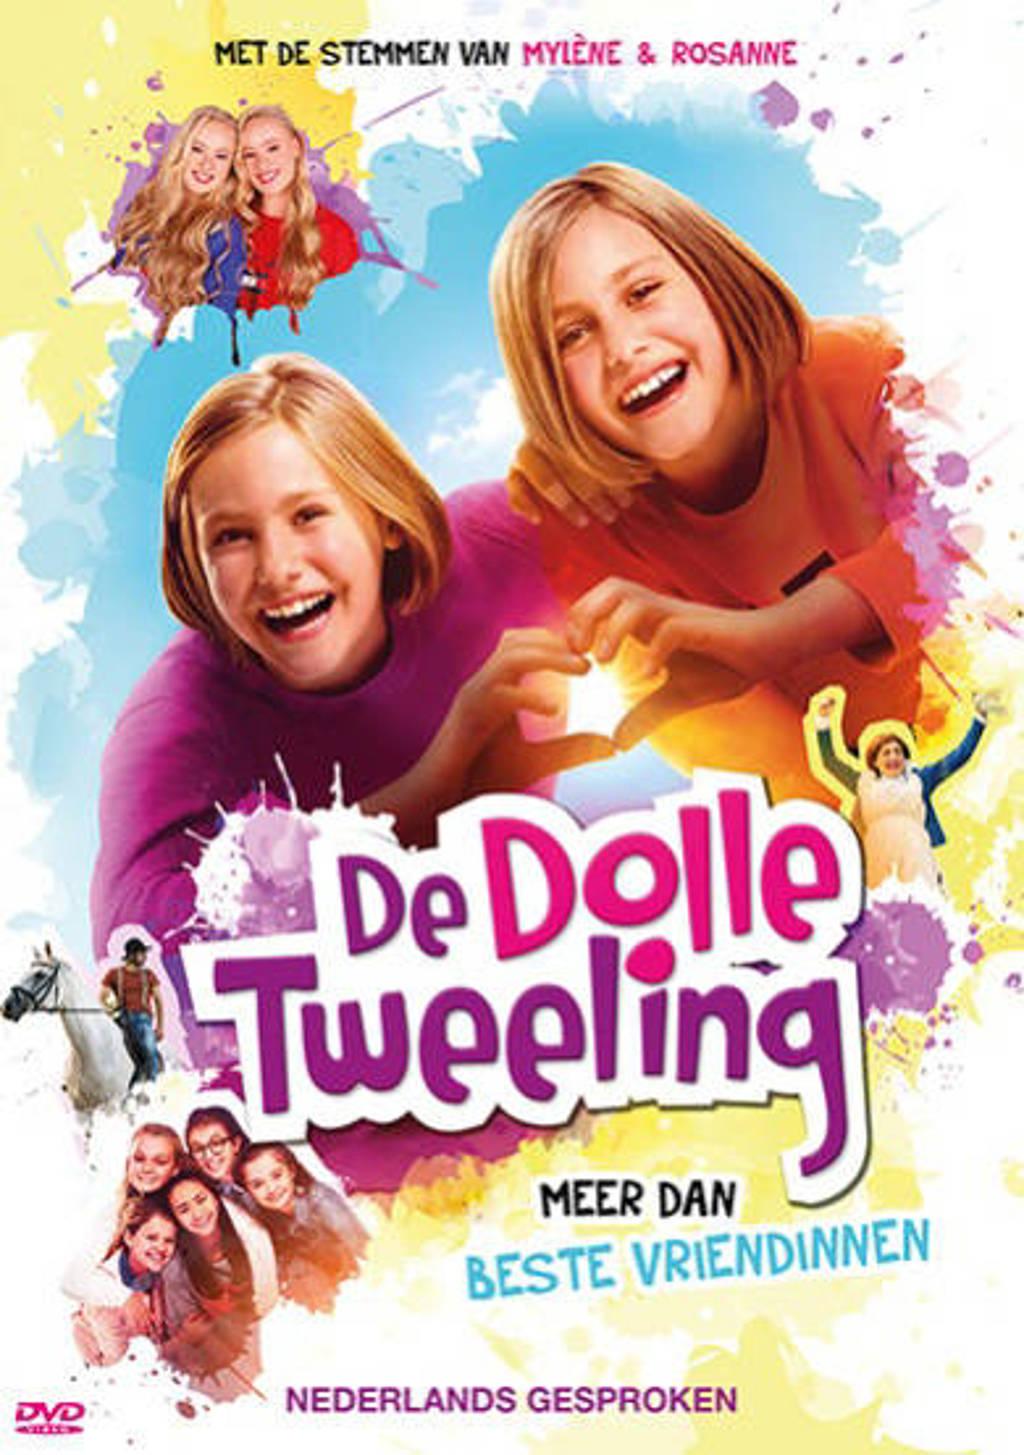 Dolle tweeling - Meer dan beste vriendinnen (DVD)